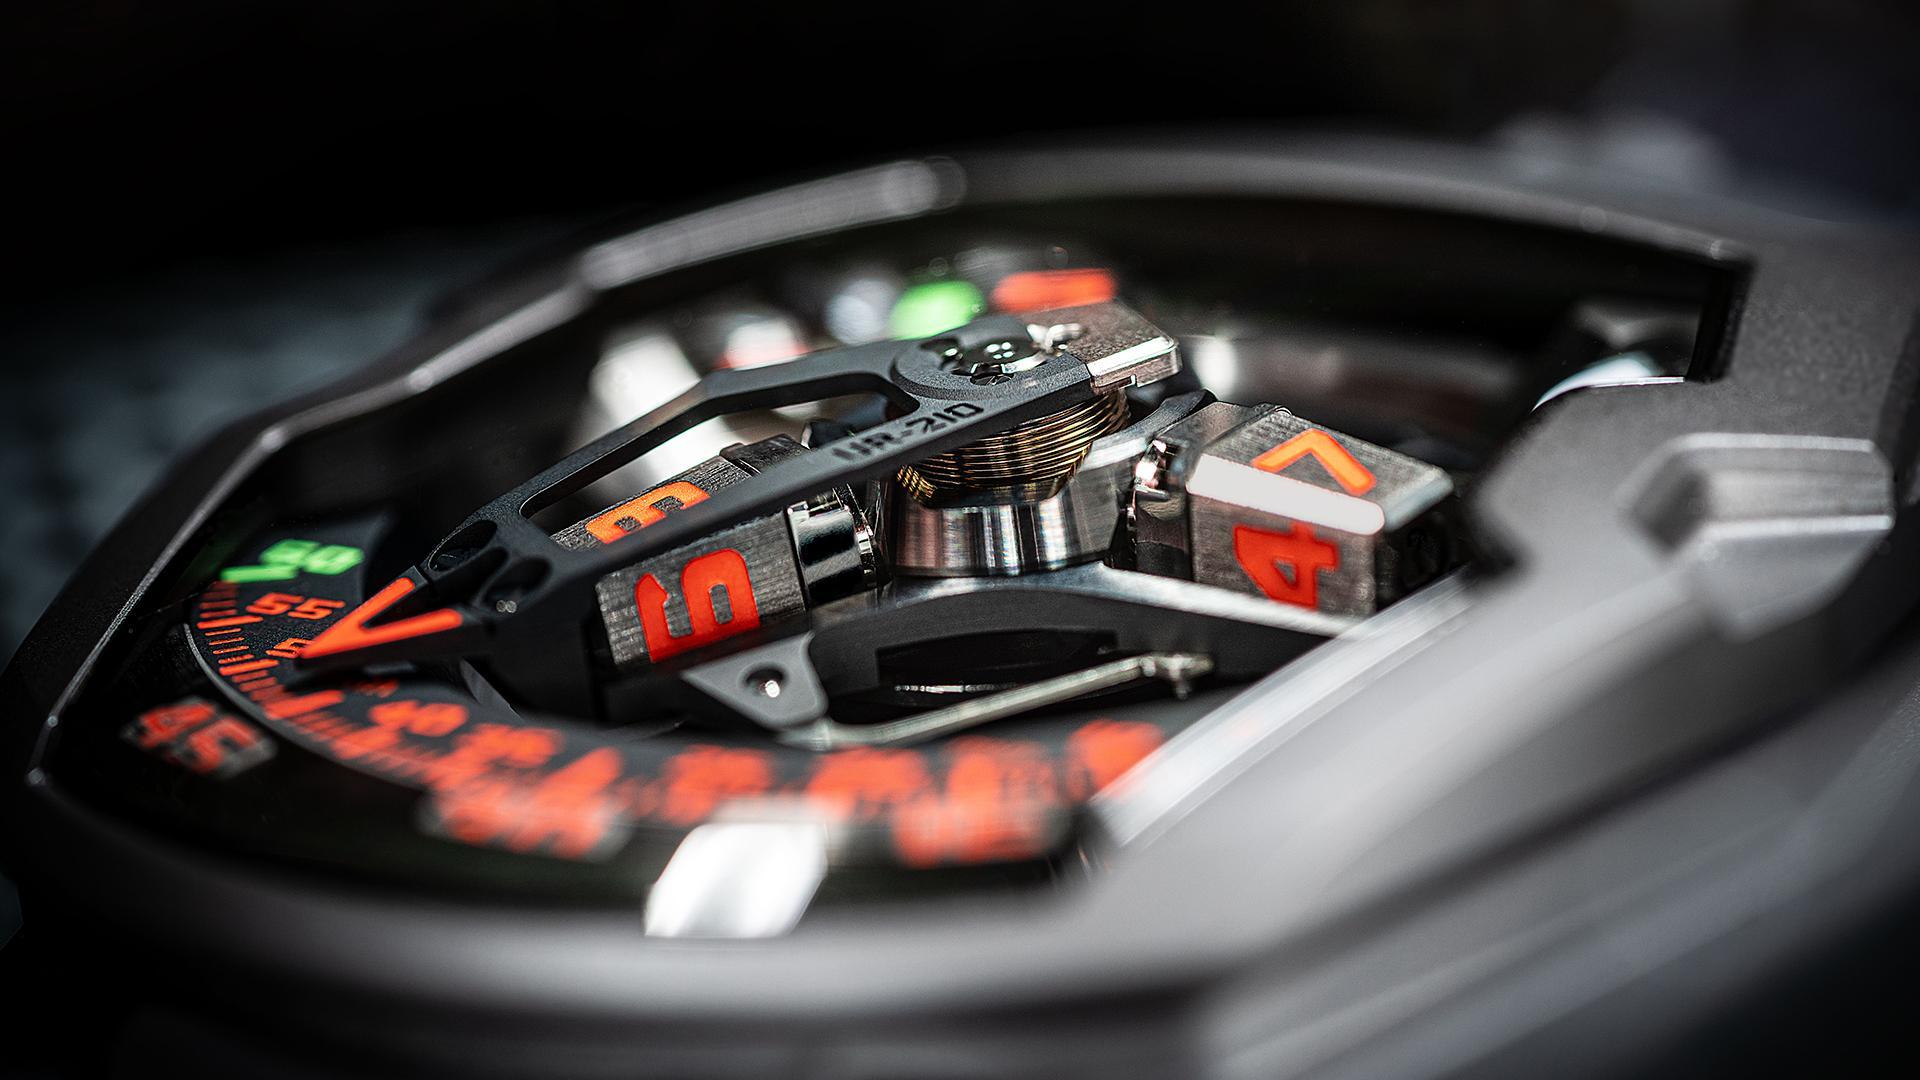 Urwerk independent watchmaker